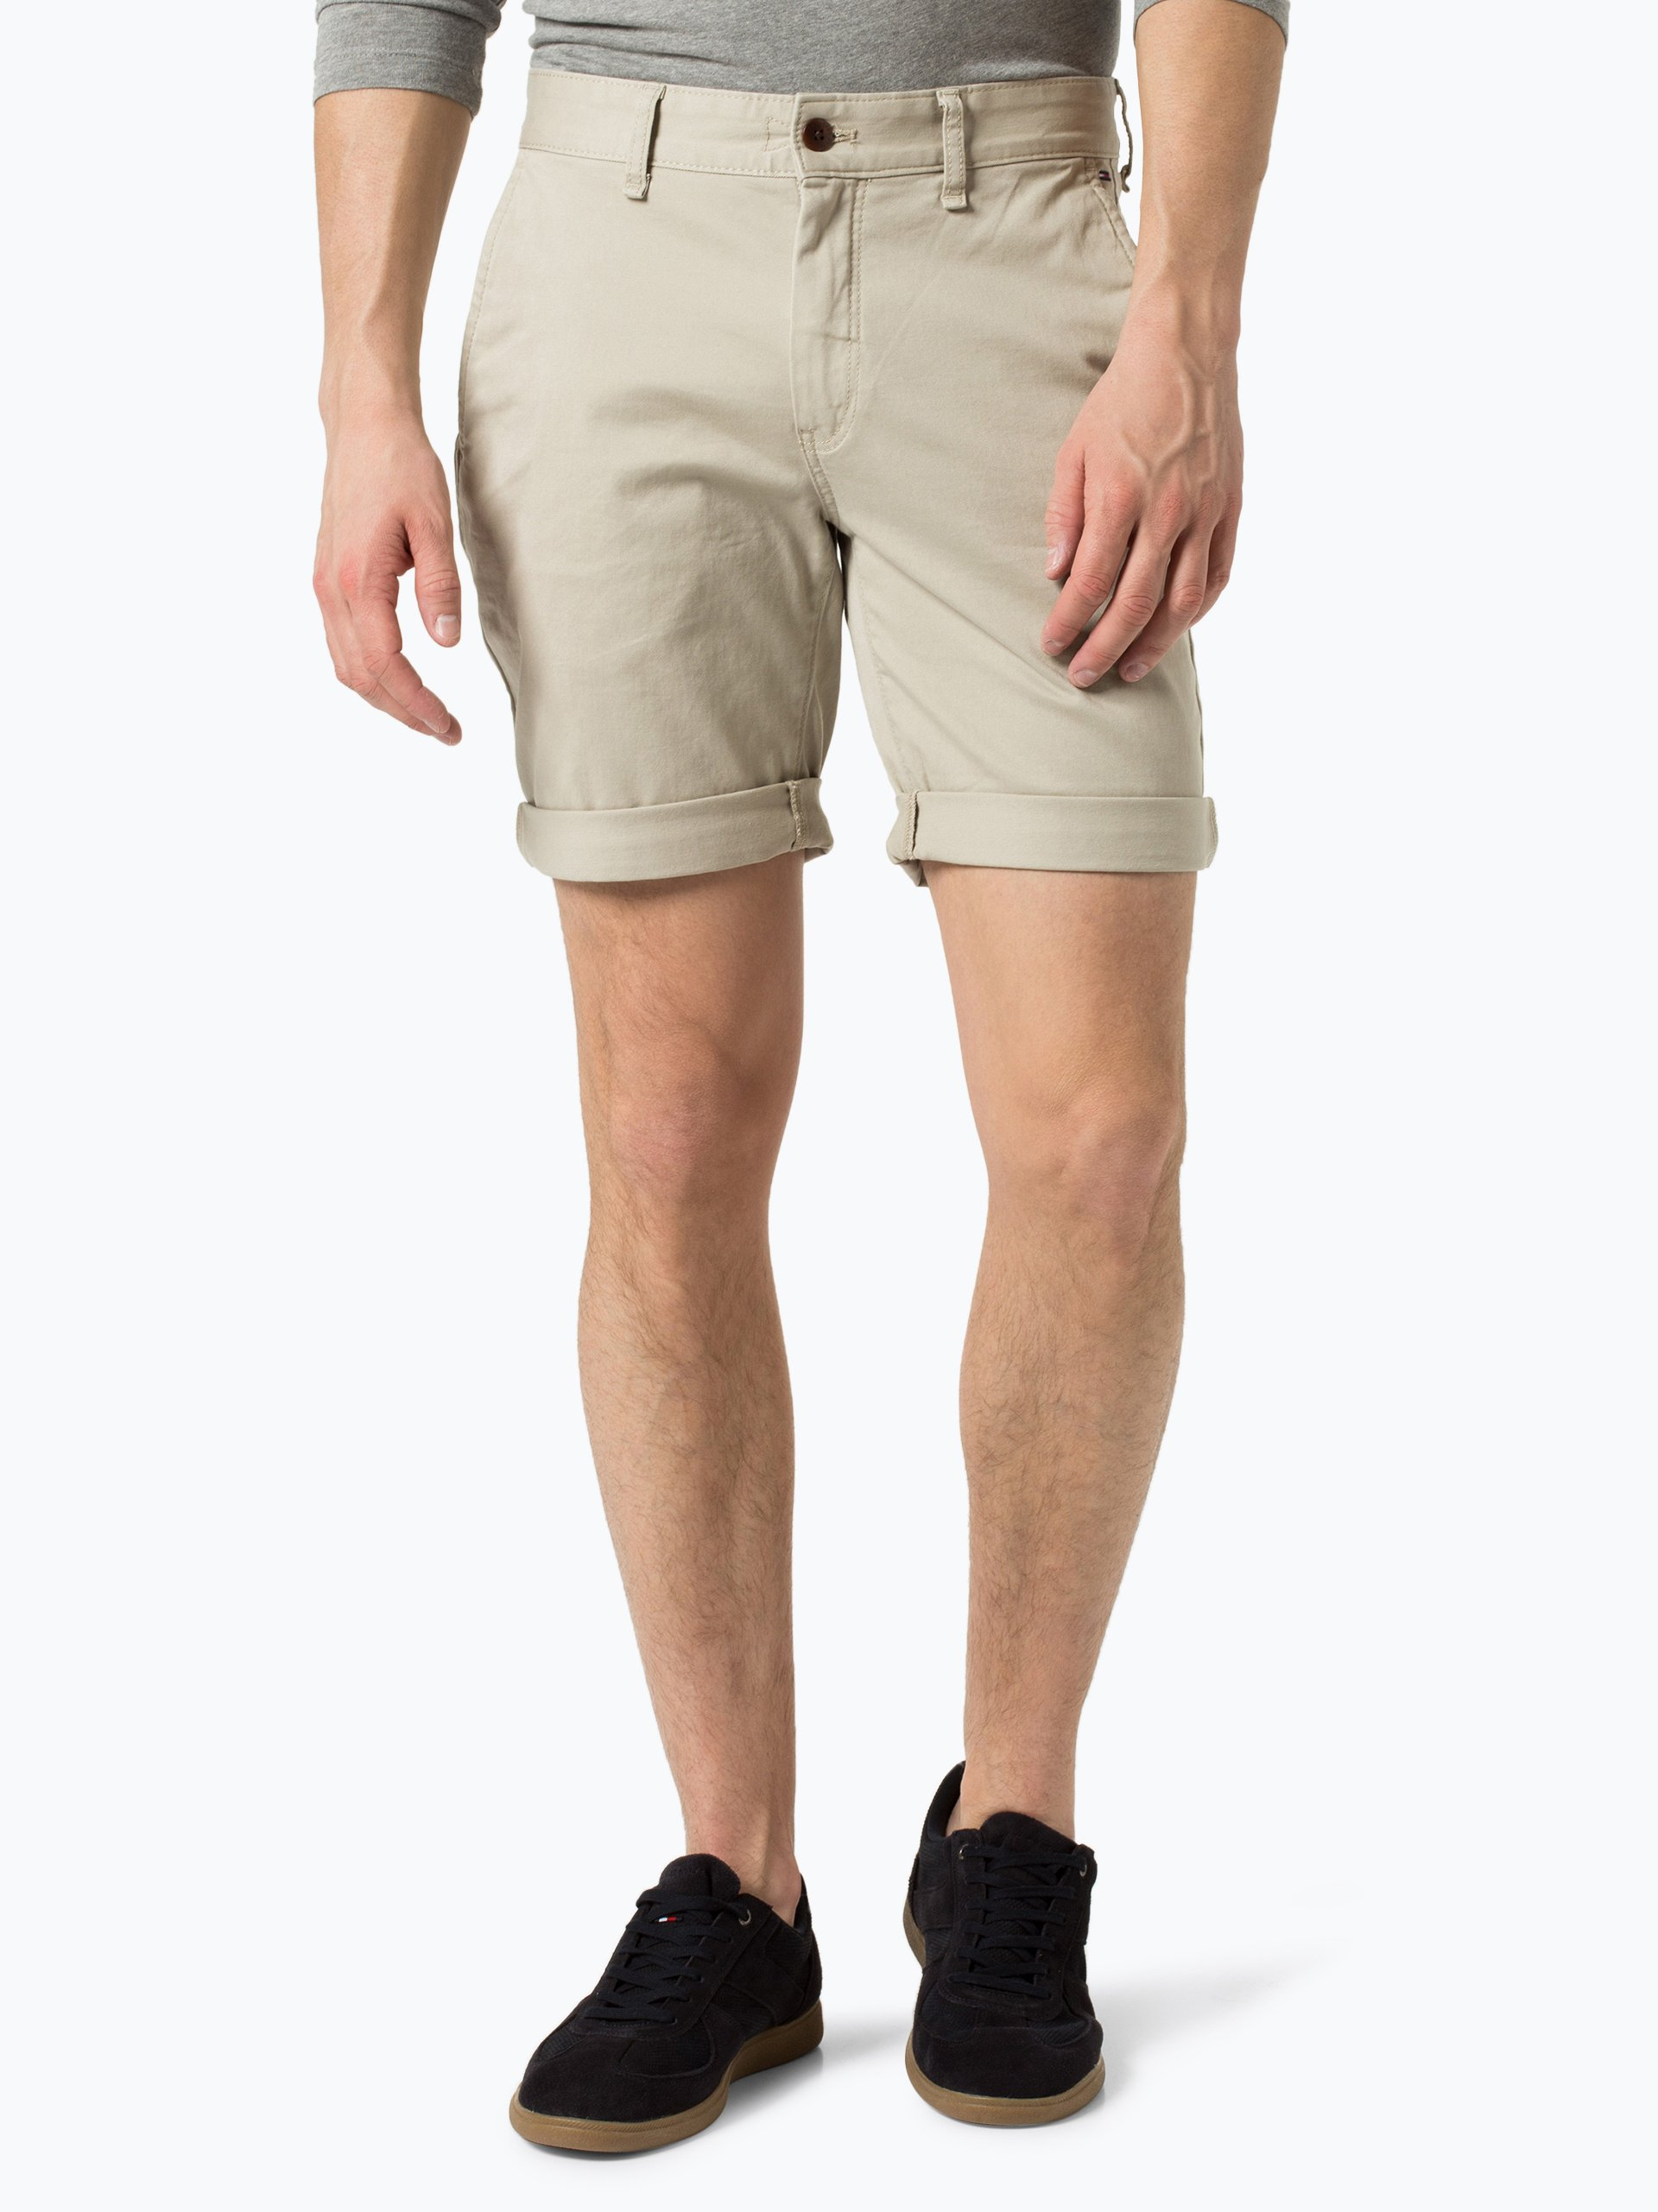 tommy jeans herren shorts beige uni online kaufen peek und cloppenburg de. Black Bedroom Furniture Sets. Home Design Ideas